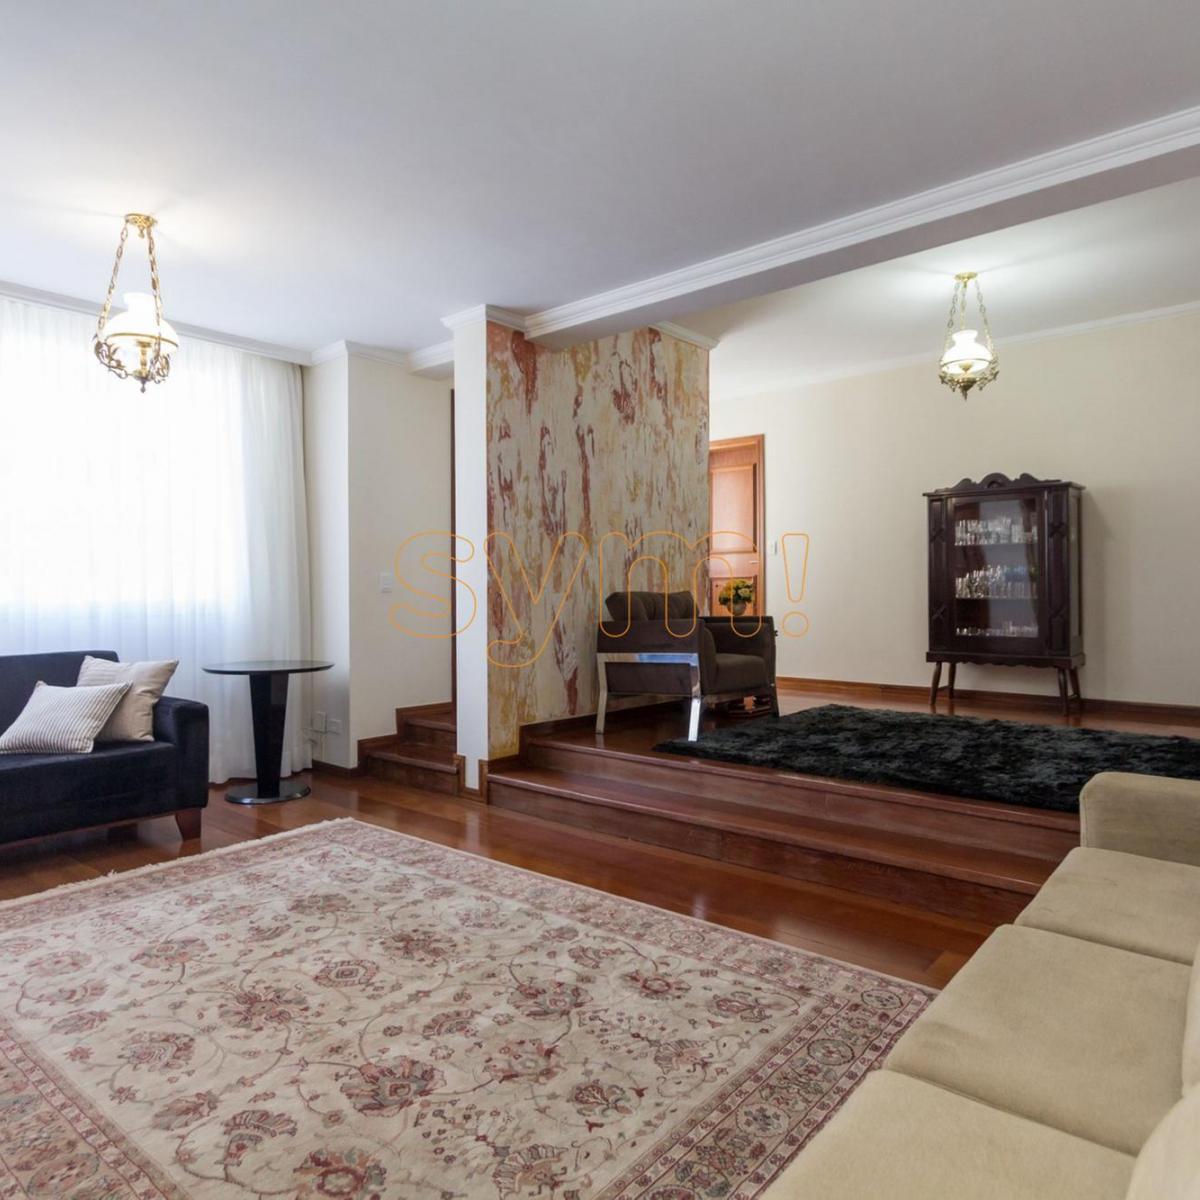 http://www.infocenterhost2.com.br/crm/fotosimovel/541476/114160624-apartamento-curitiba-cabral.jpg